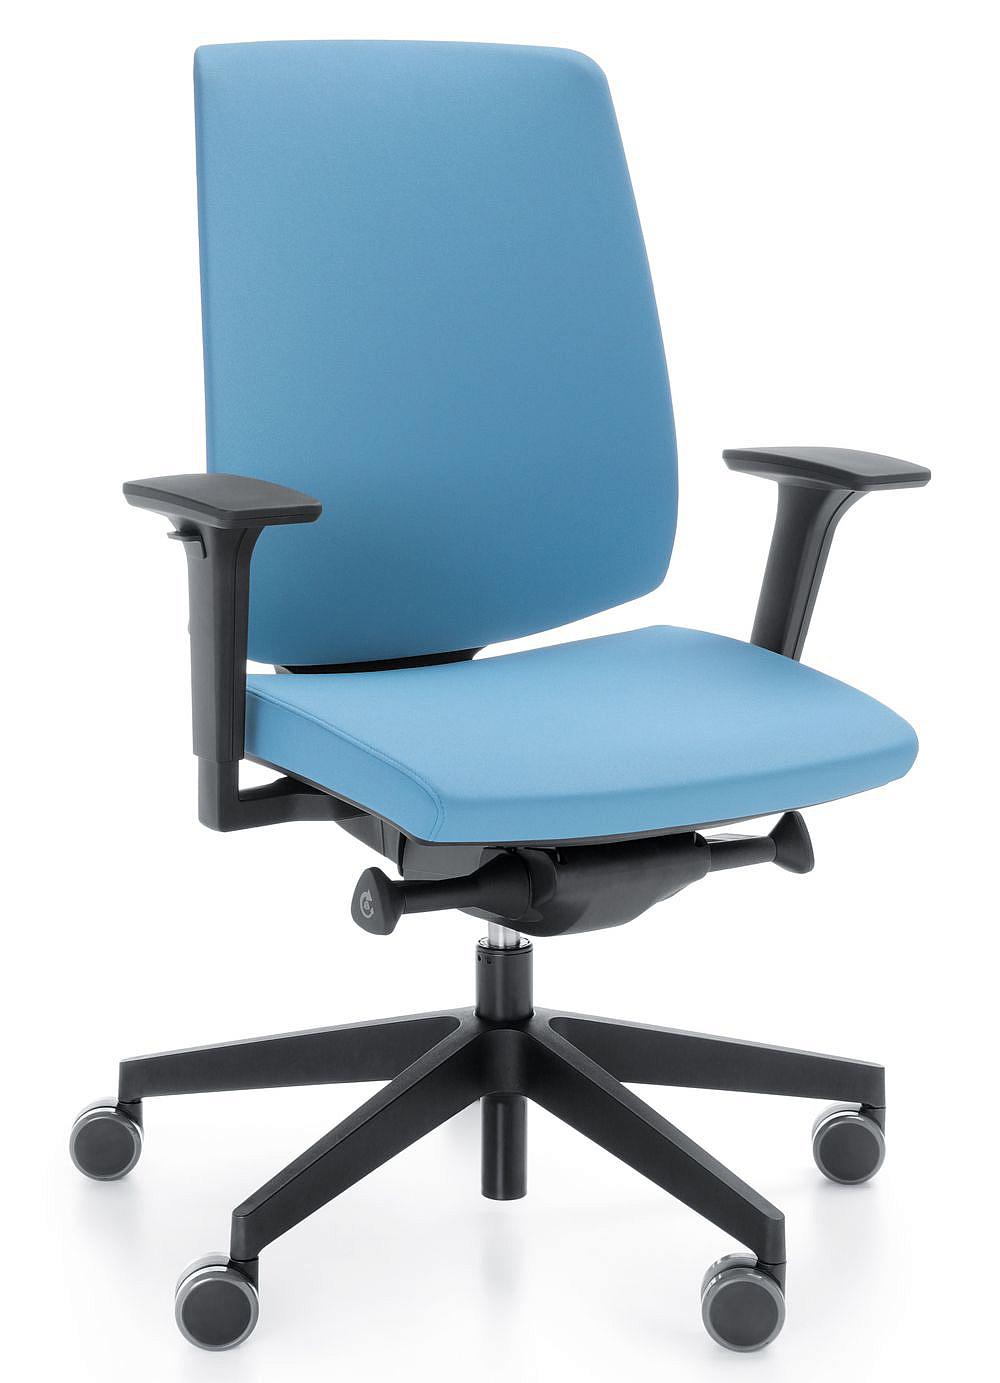 Fotel biurowy obrotowy lightUP 230